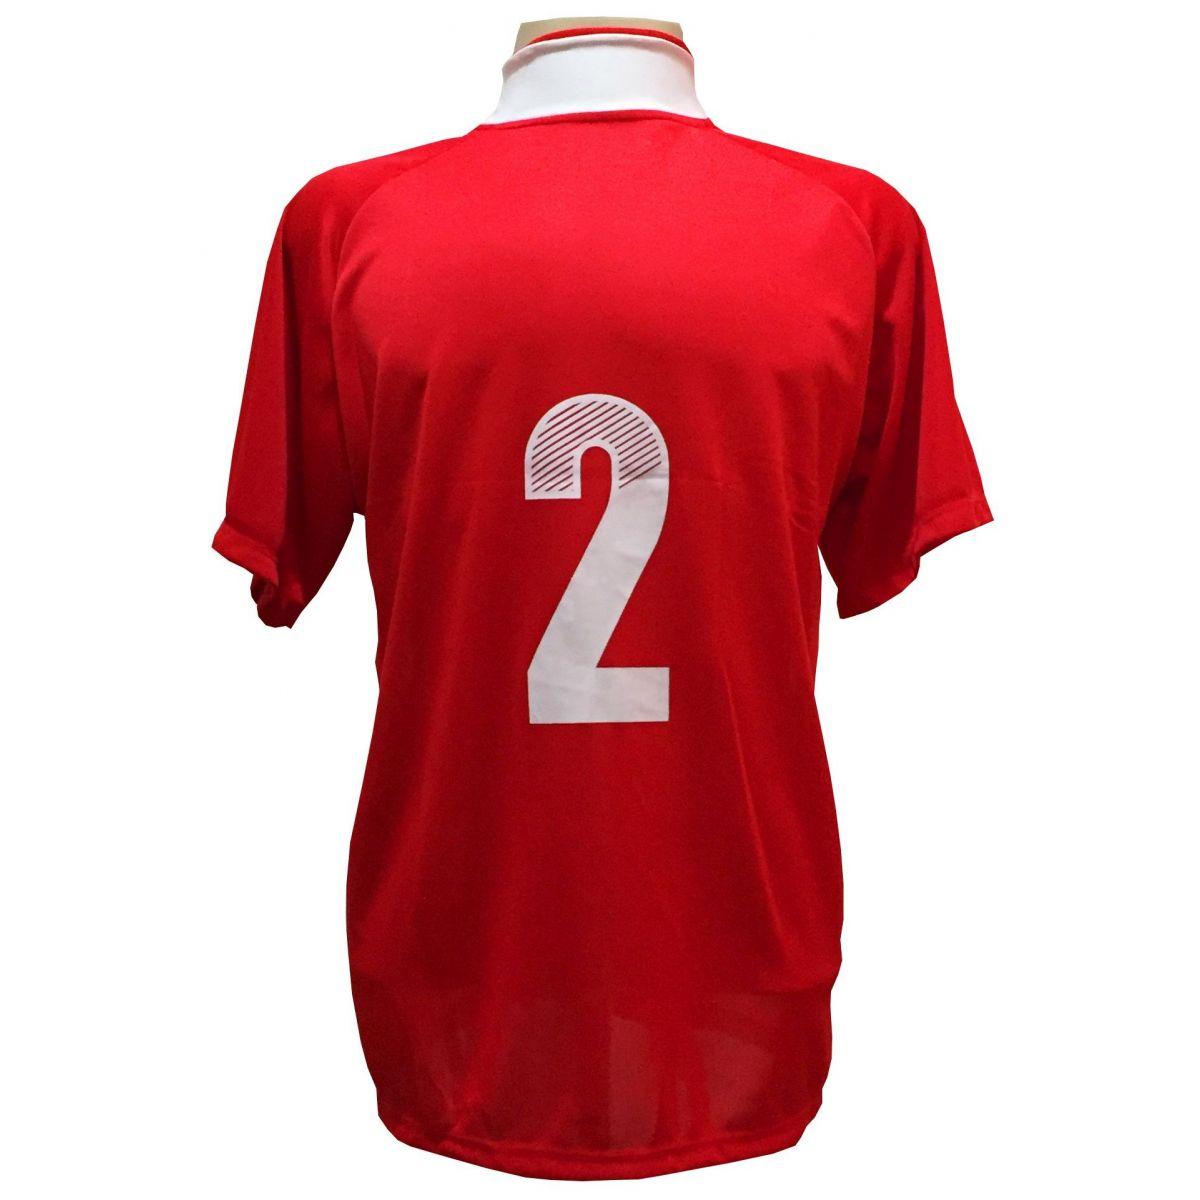 Jogo de Camisa com 20 unidades modelo Milan Vermelho/Branco + Brindes